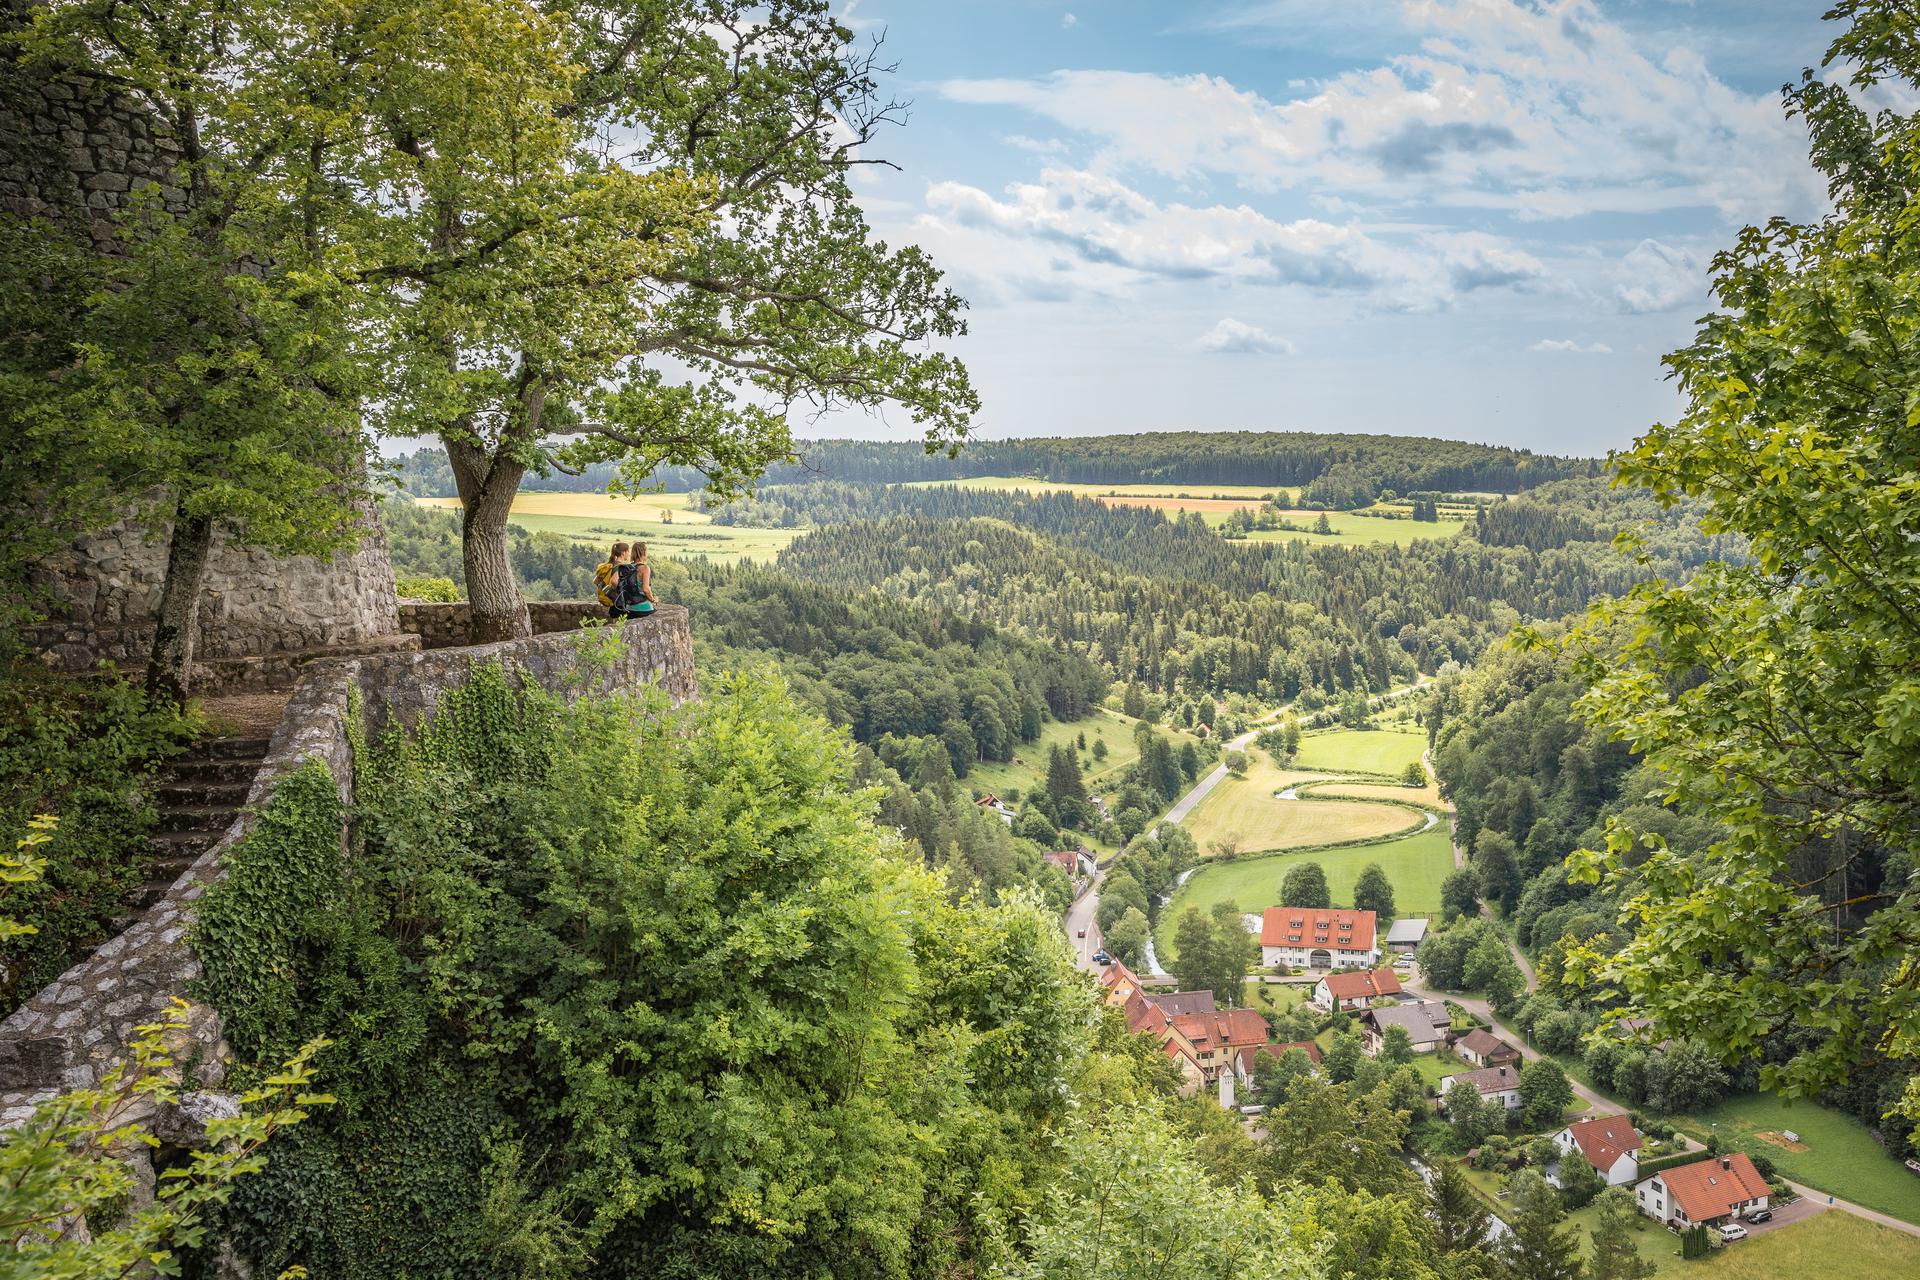 Zwei Wanderer*innen stehen auf einer Plattform an einer Burg. Sie blicken ins Tal durch das sich ein Fluss schlängelt und ein kleines Dorf liegt. Rundherum ist Wald. Es ist sonnig und bewölkt.